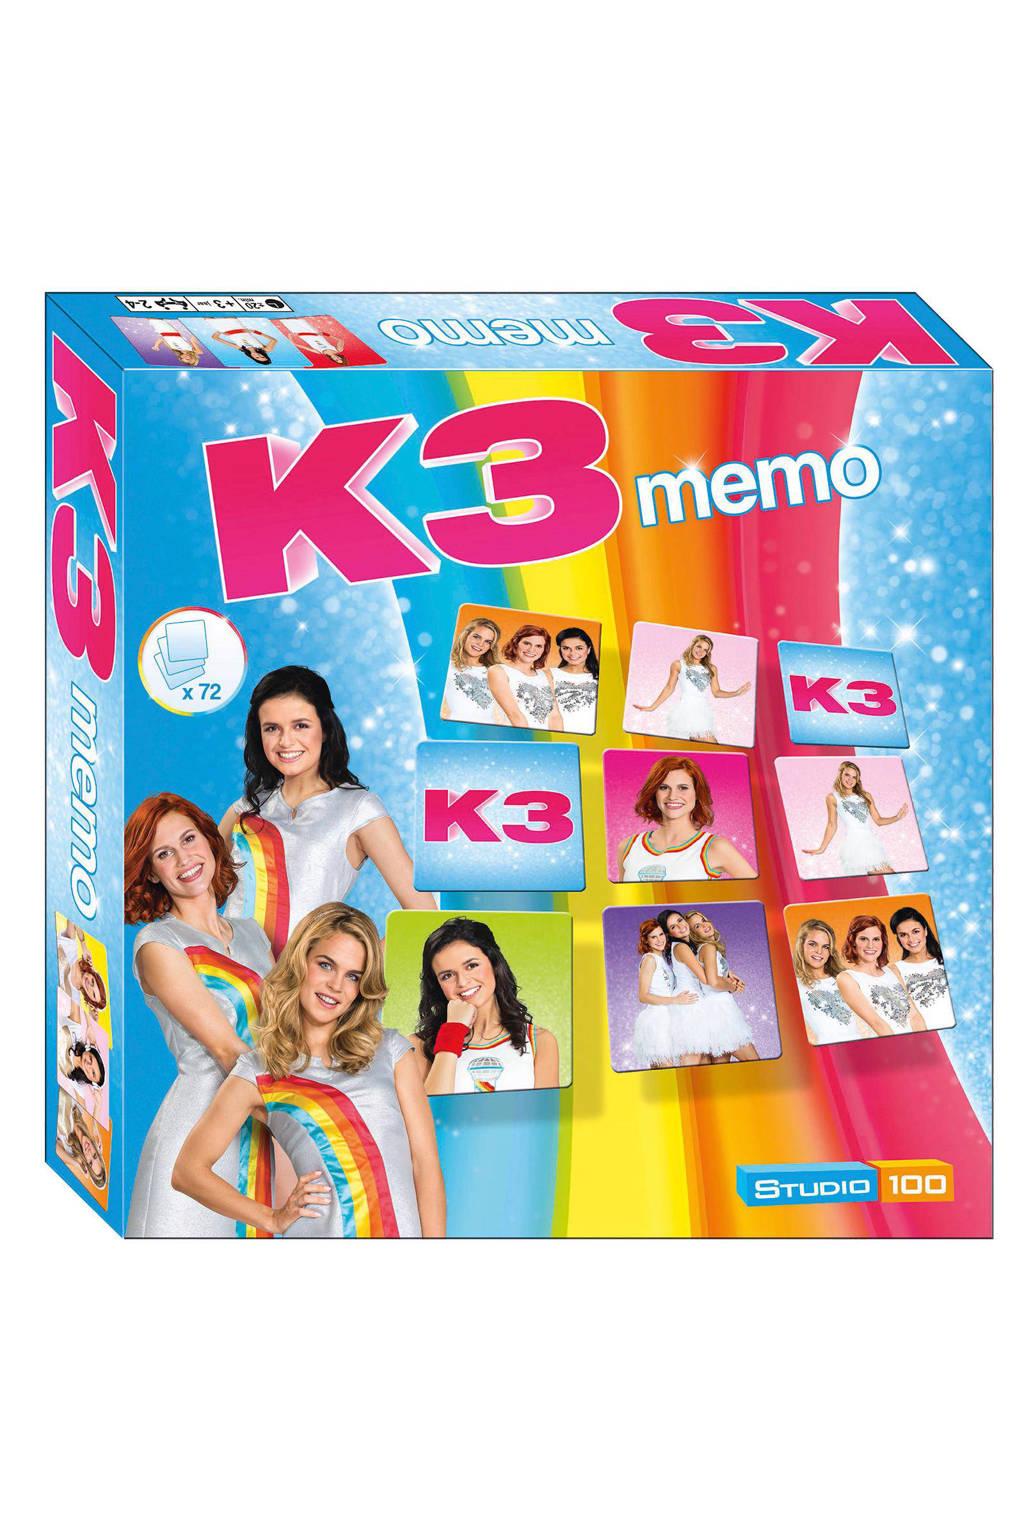 K3 memo kinderspel